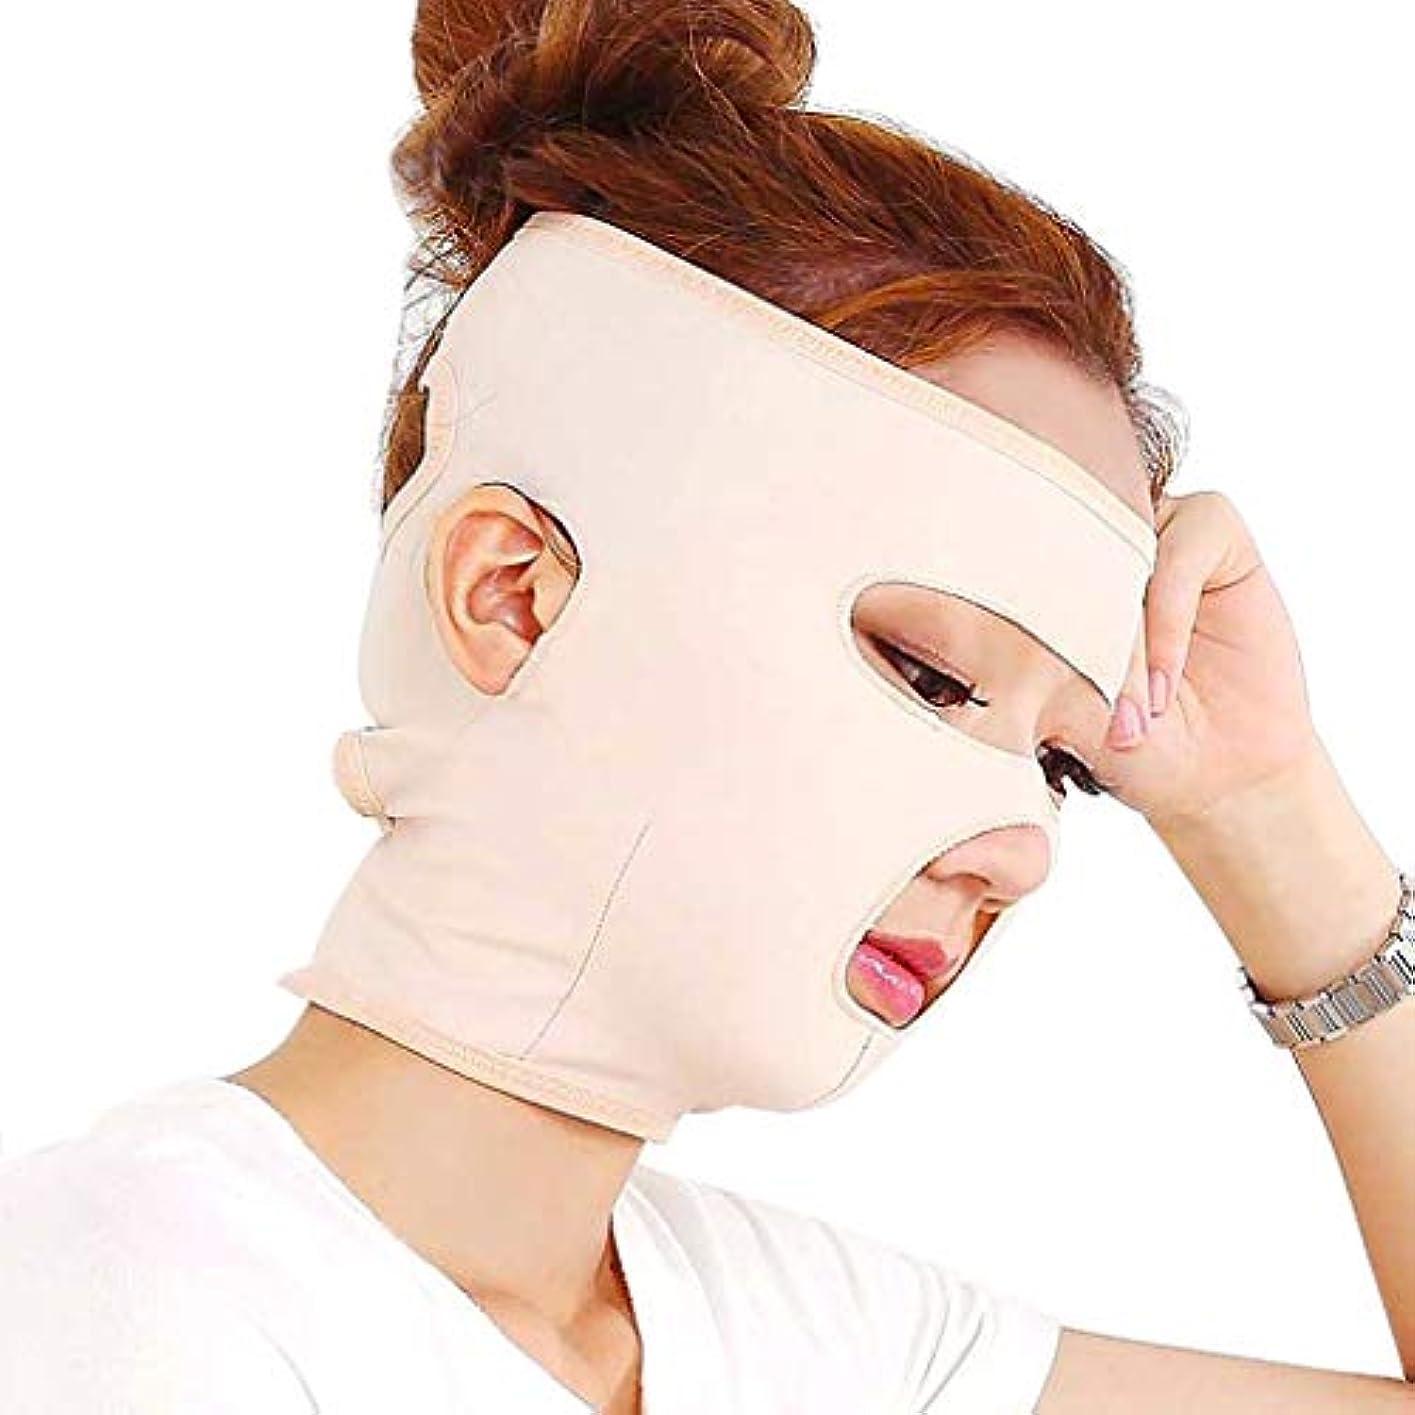 言及する懲らしめ松の木Jia He 軽量 薄い顔ベルト、抗シワ、薄い二重あごの睡眠美容矯正ベルトを高めるために、薄い顔の包帯V面アーティファクト ## (Size : M)